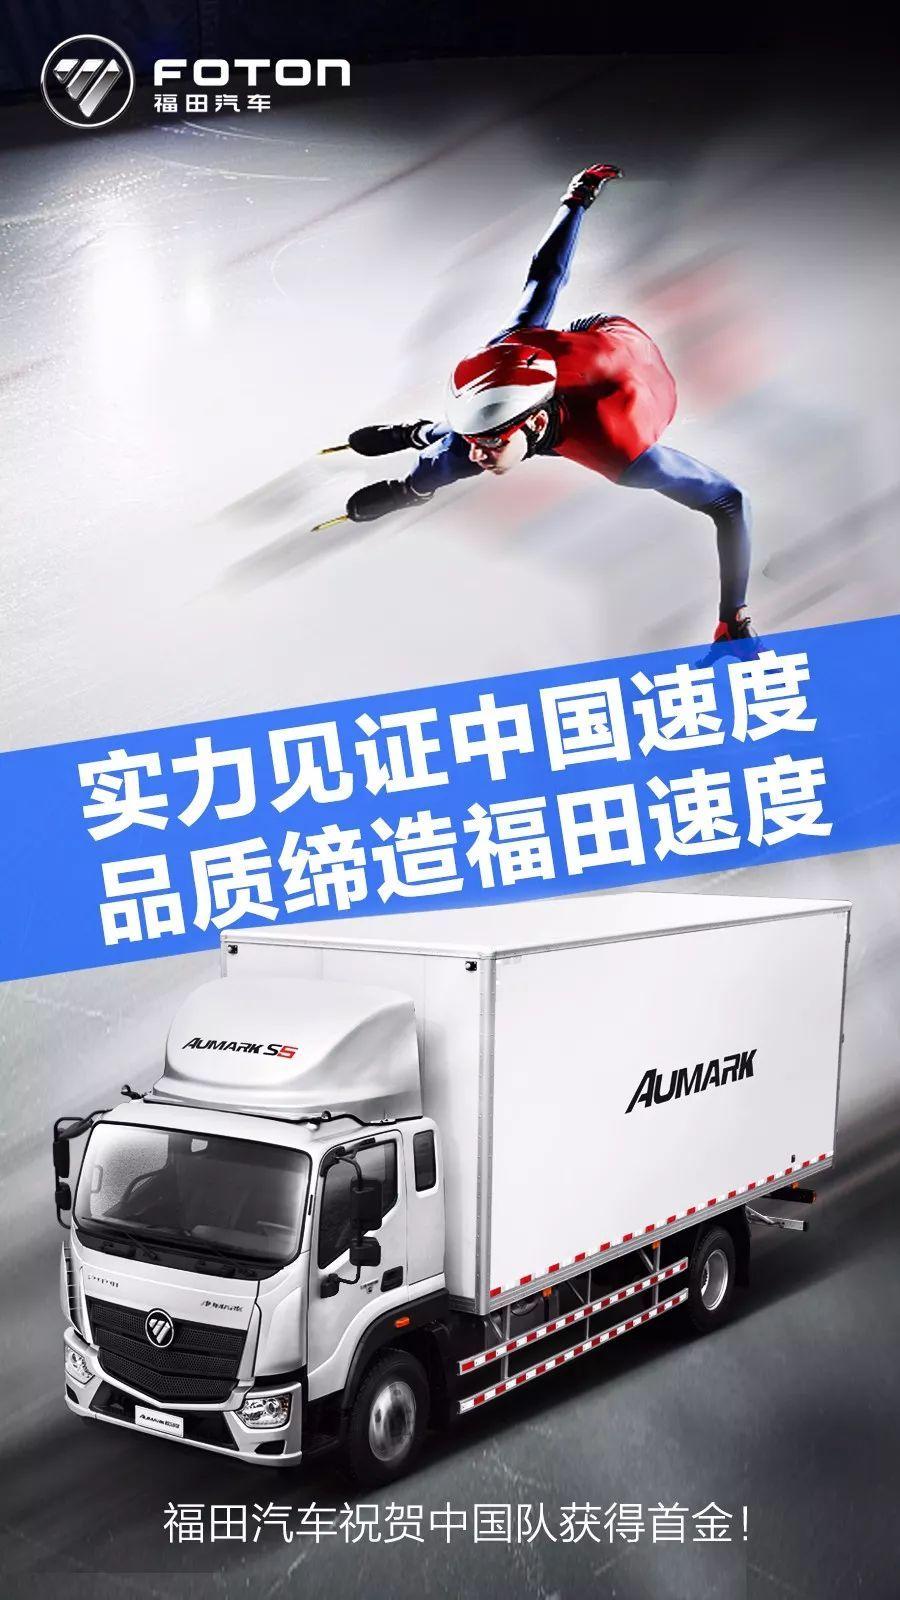 实力,见证中国的速度!